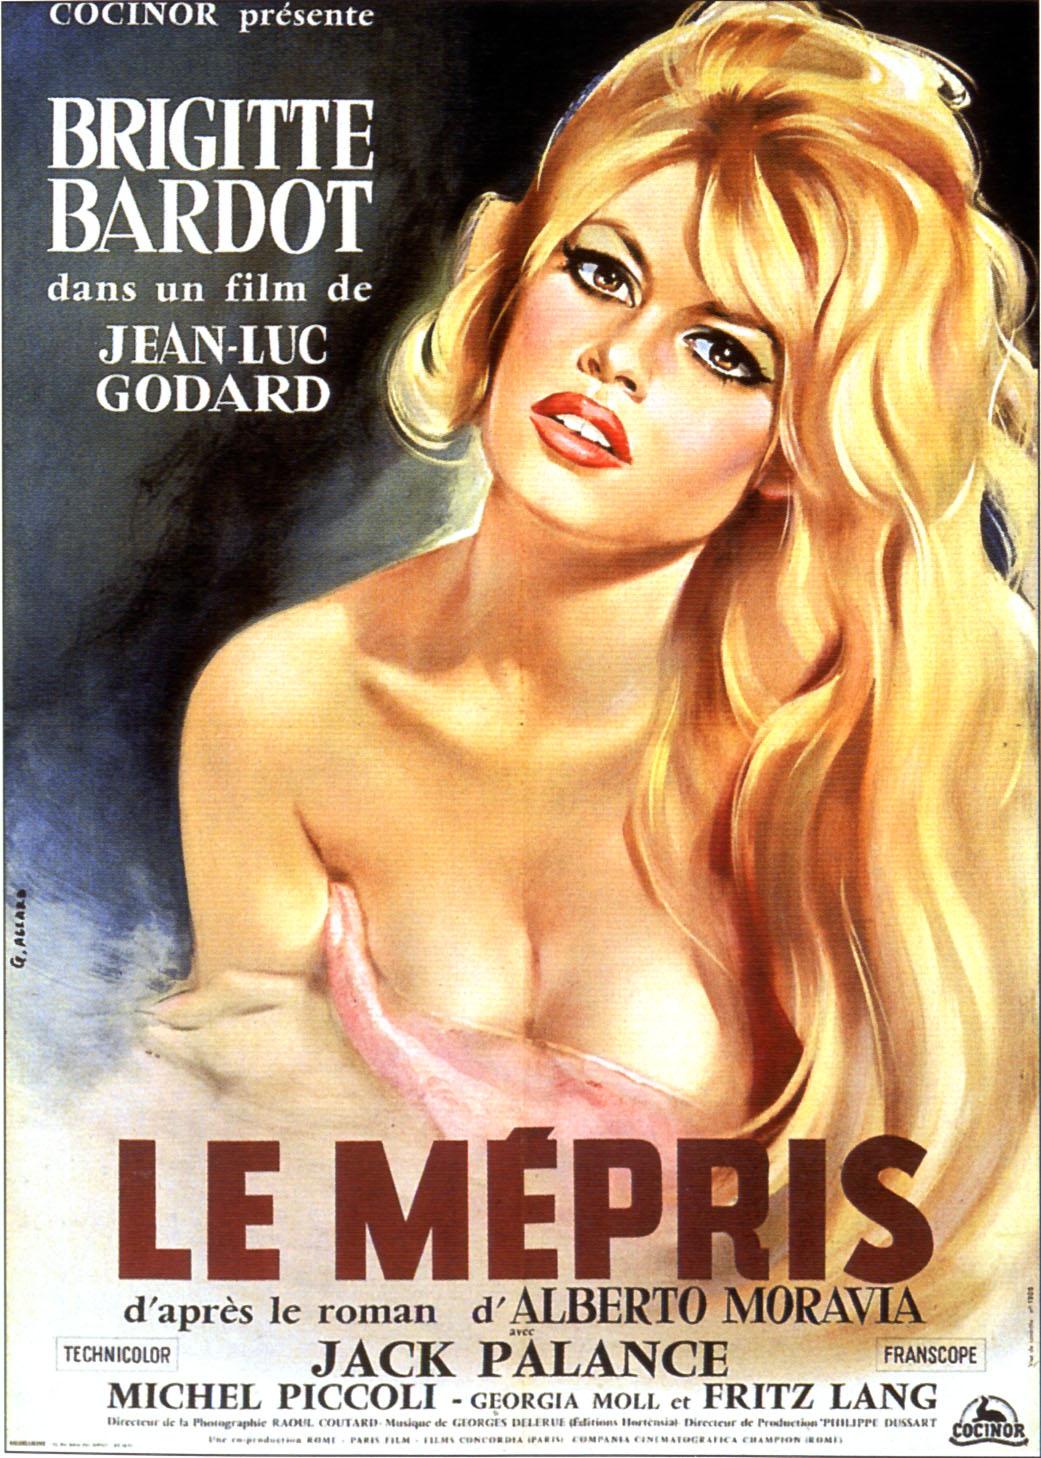 Les plus belles affiches de cinéma Le-mepris